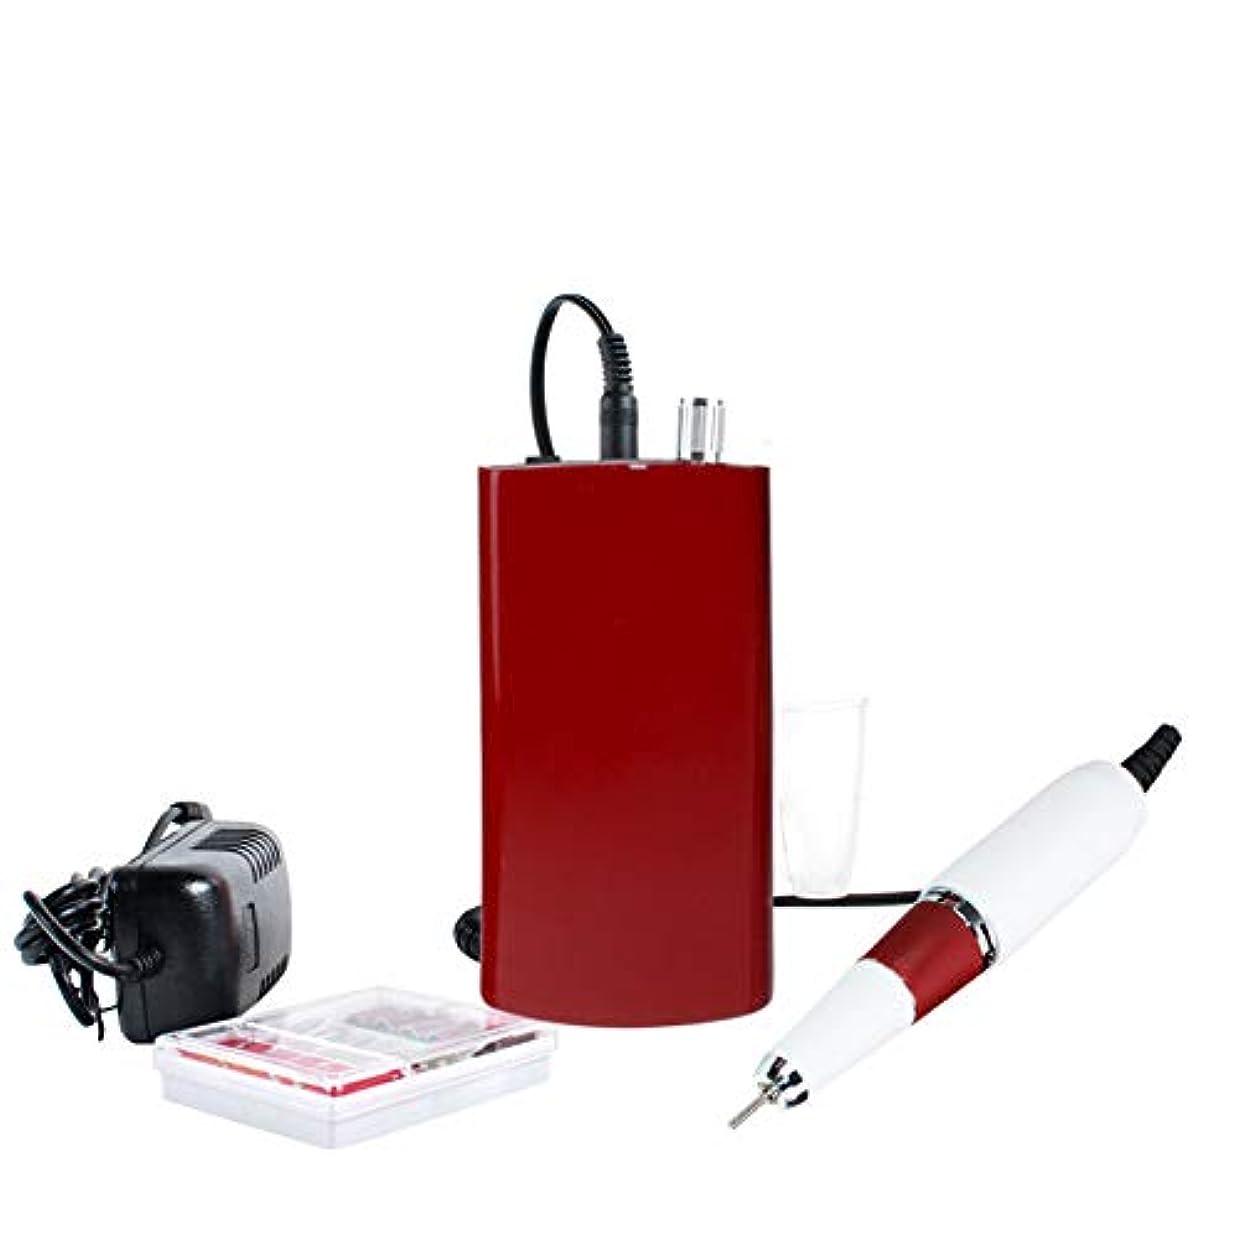 疫病ヒップコメント30000 rpm電動ネイルアートドリルマシンアートサロンマニキュアツール電動研磨機ネイルパワードリル、110-240ボルト,Red